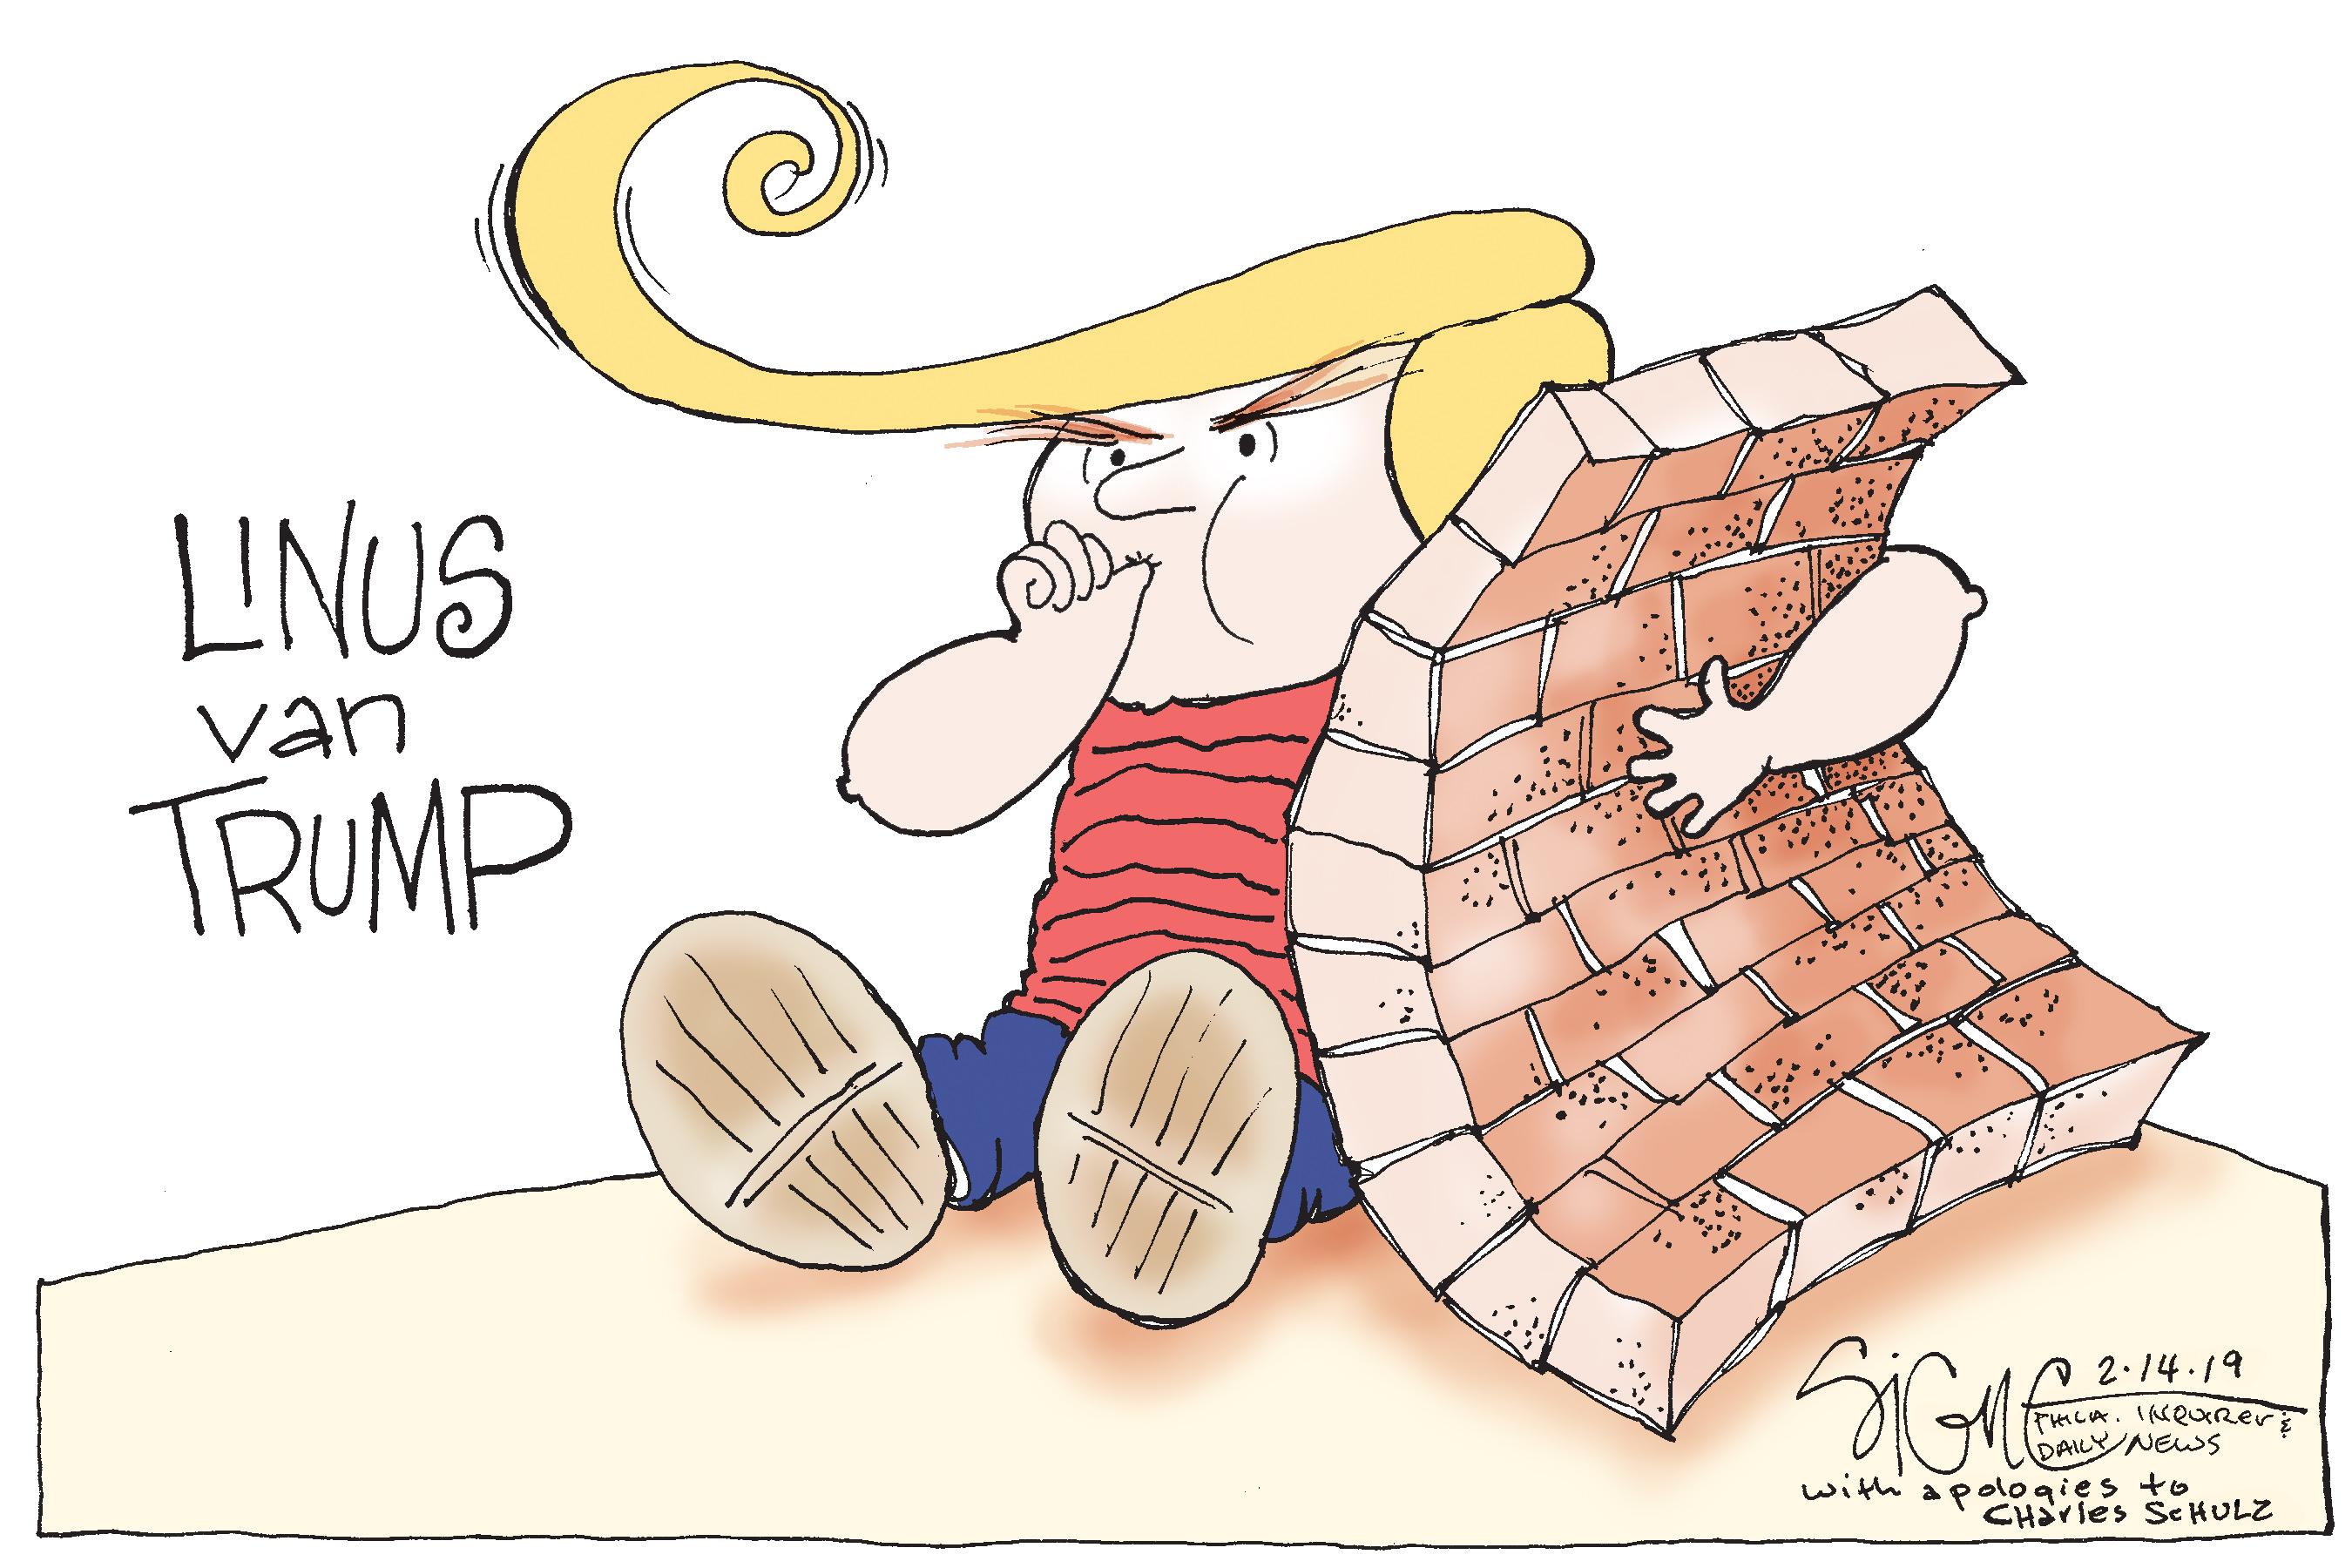 Linus van Trump